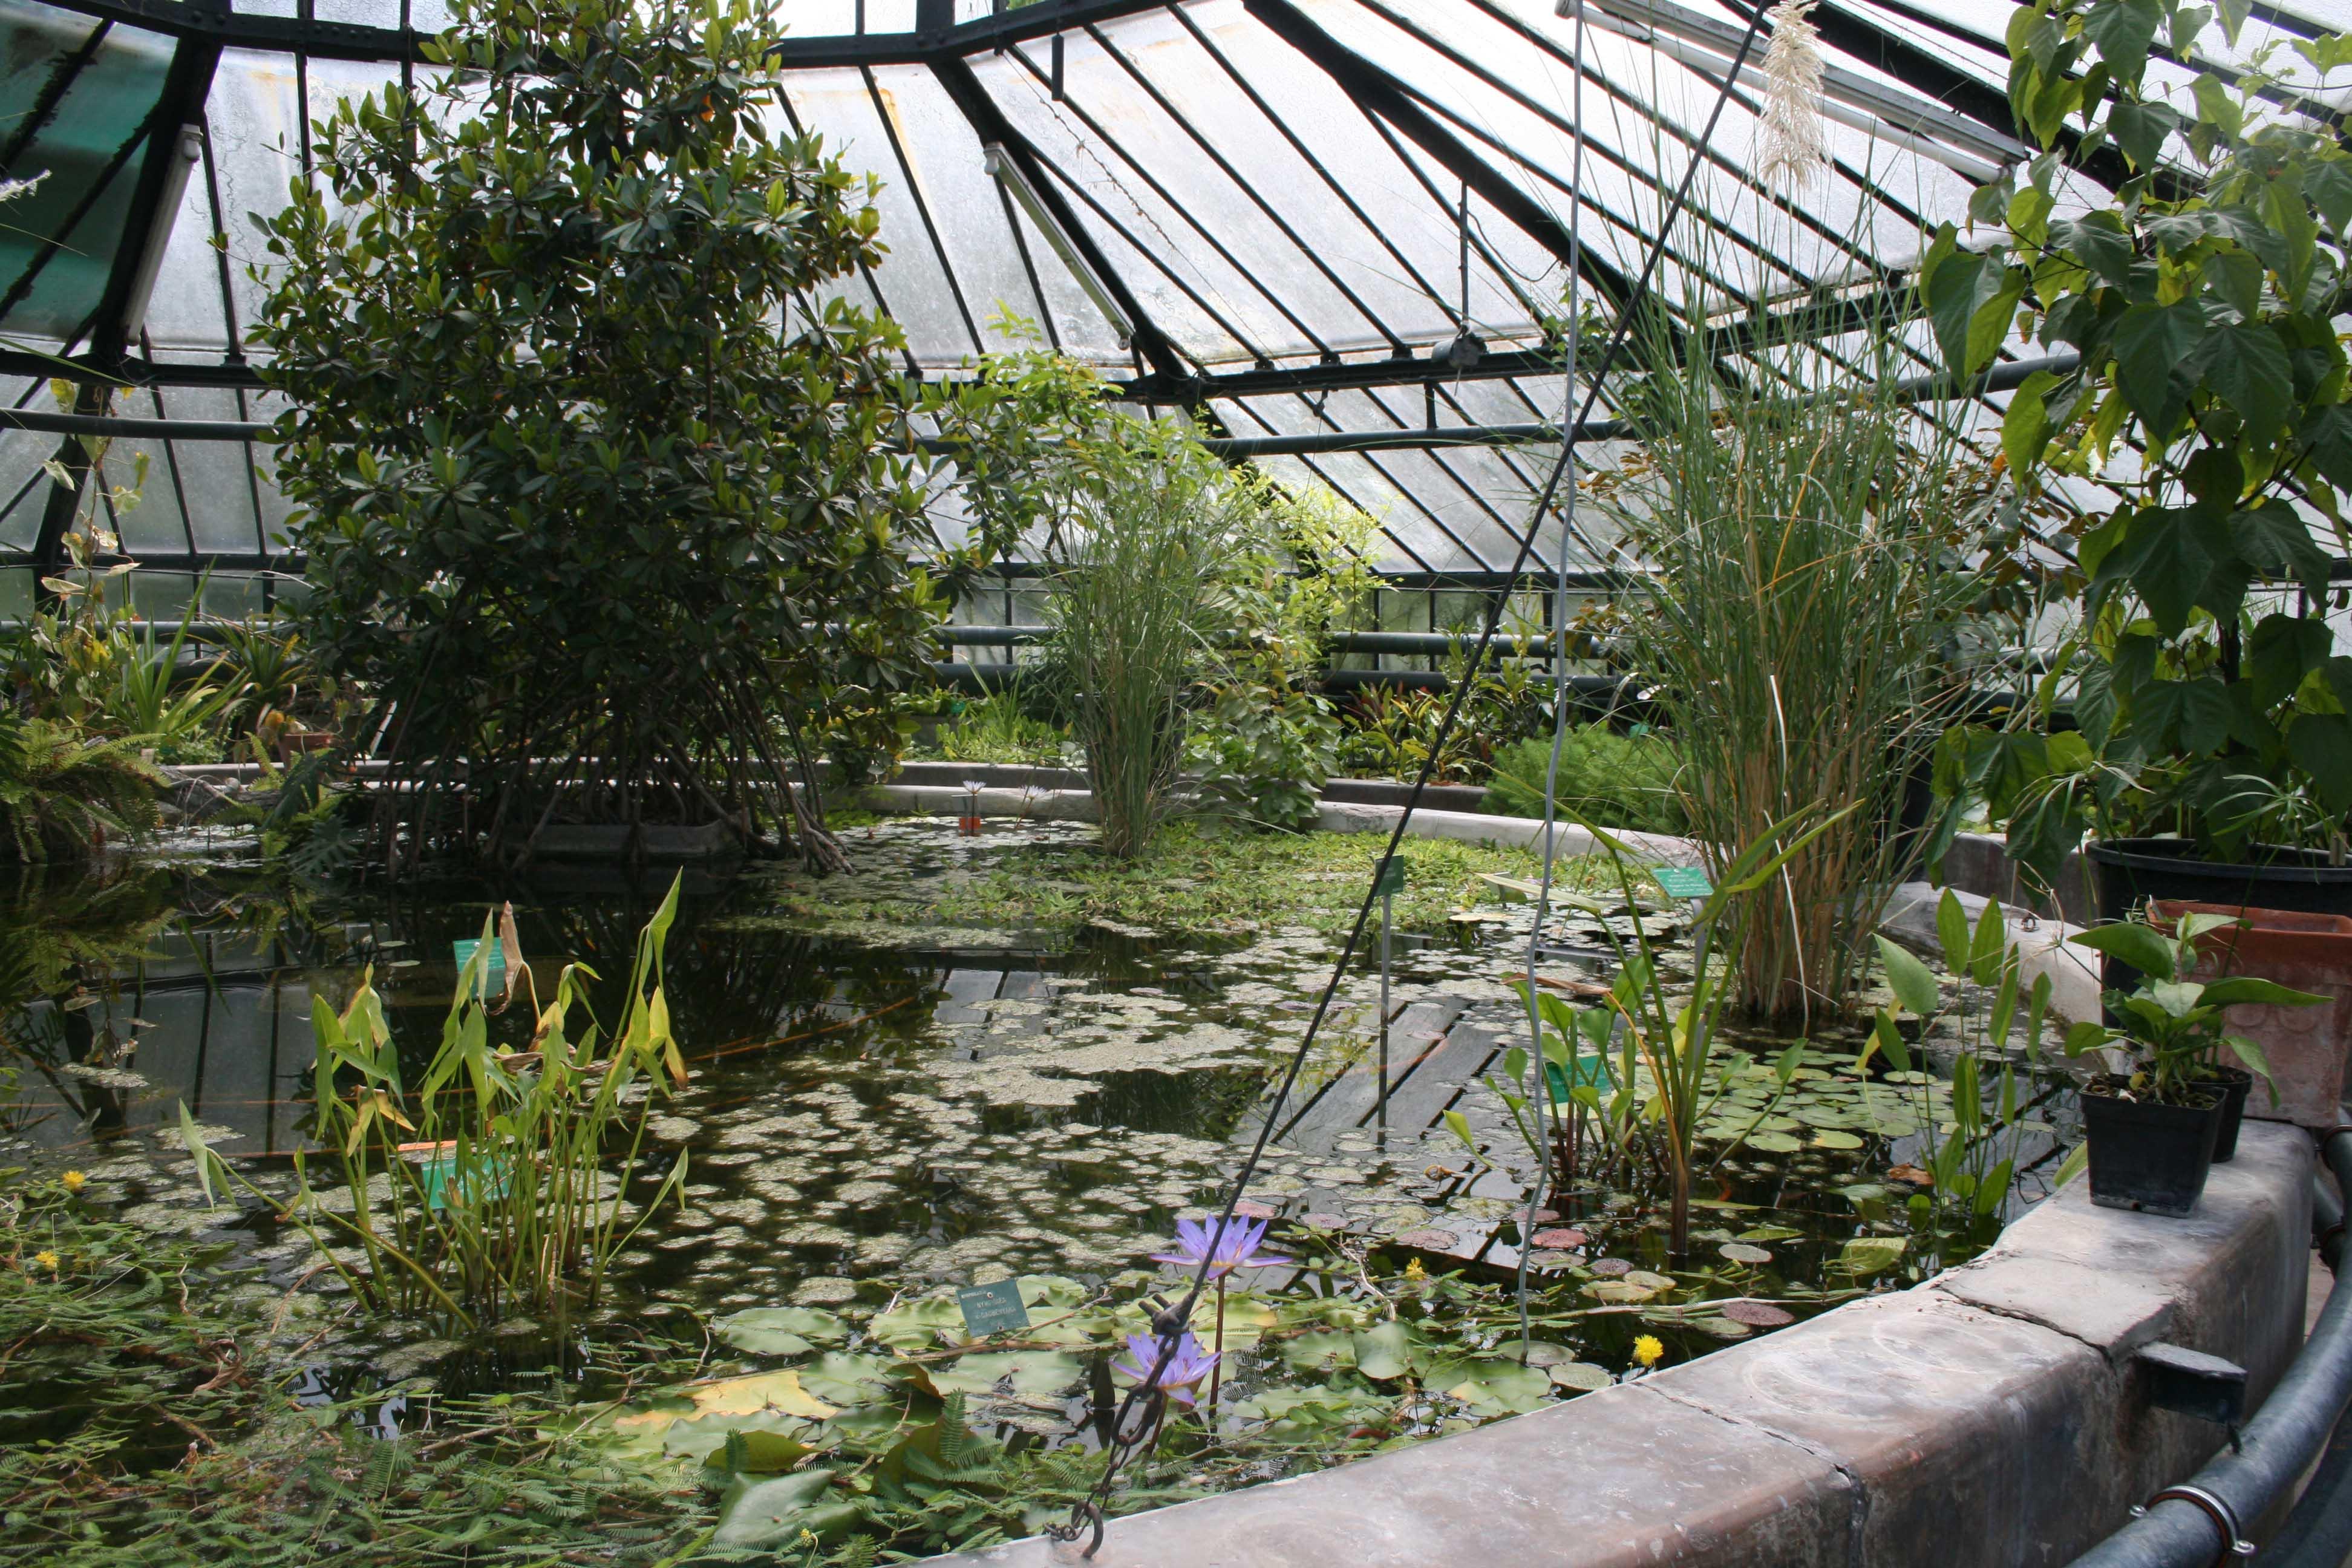 L 39 actu num ro 42 edition du 06 05 2011 universit en for Le jardin des fleurs strasbourg